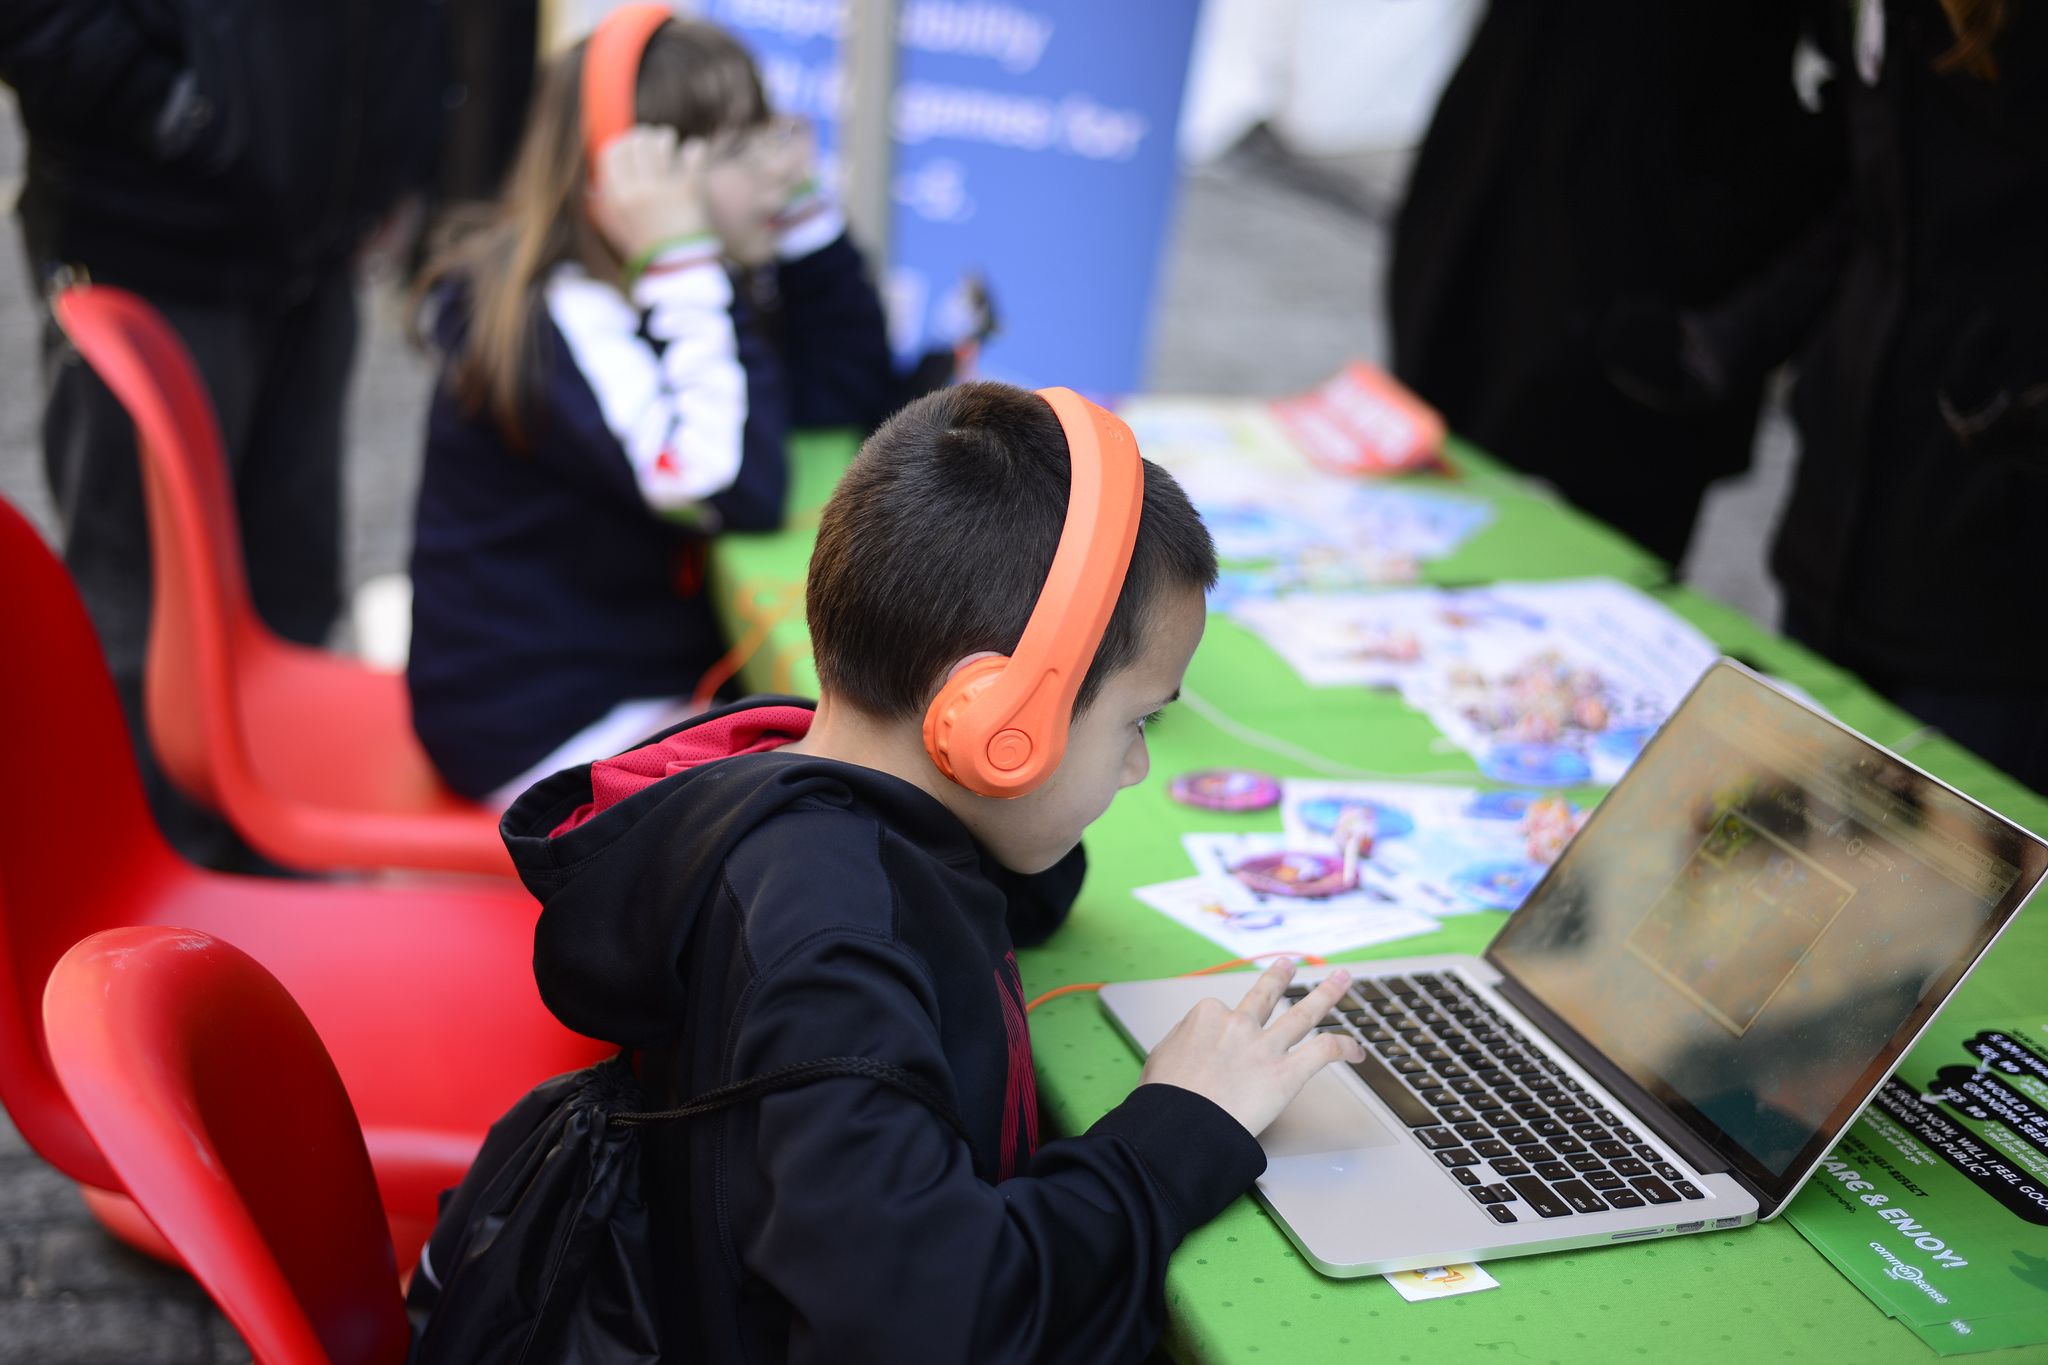 online simulacija upoznavanja igara za odrasle bahreinski forum za upoznavanje